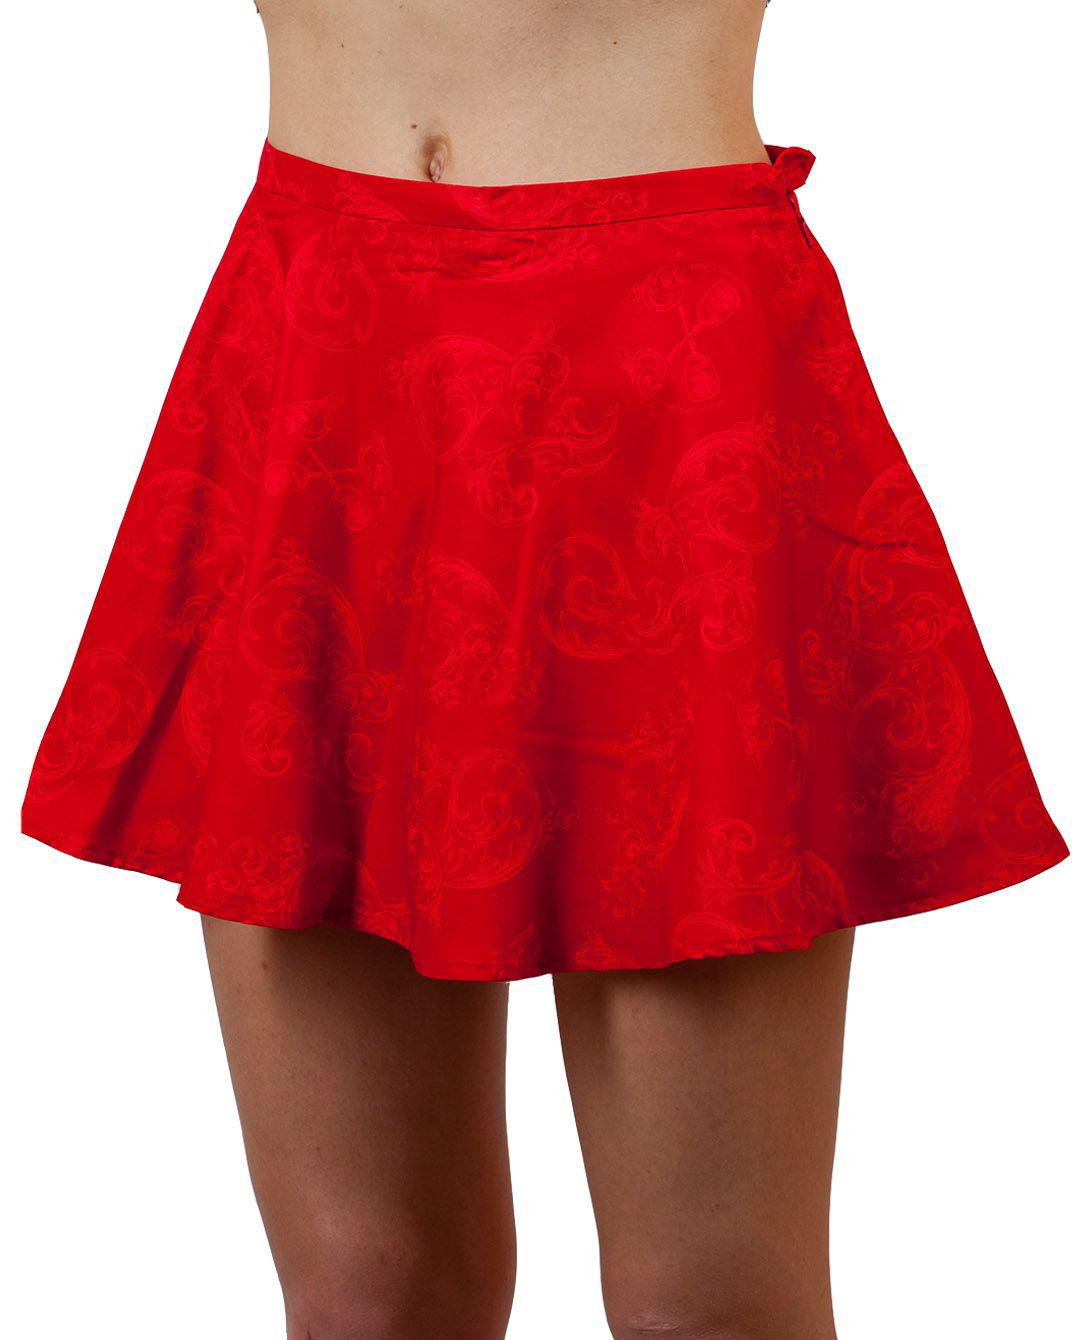 Итальянская юбка Fila   Фирменная вещь за 100 рублей,не просто приятно,а очень приятно,хороший вариант Униформы продавцам ,официантам,красный цвет поднимет выручку вдвое ,все размеры в наличии есть №96